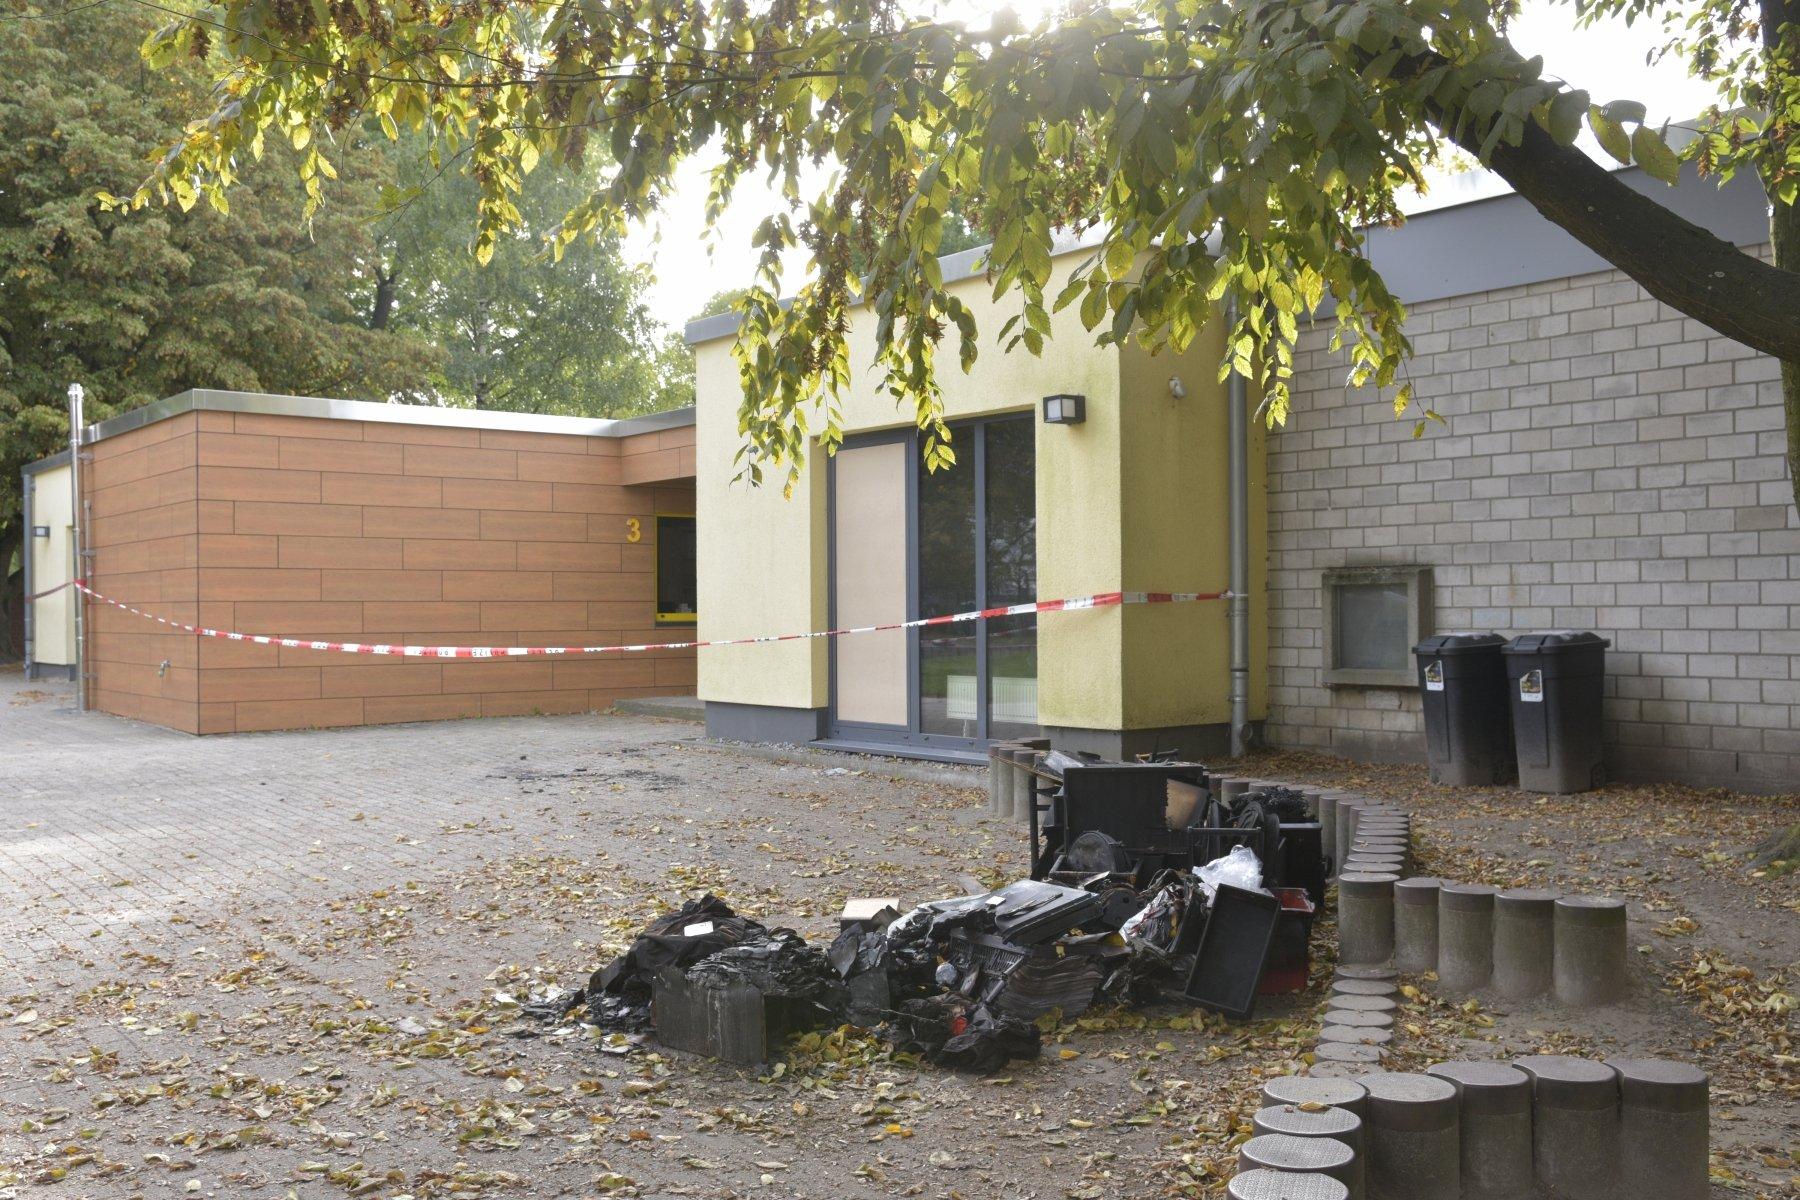 Die Kita an der Keplerstraße war über viele Monate hinweg nicht nutzbar und musste renoviert werden – offenbar auch dies ein Vorfall, der in die 2020er Brandstiftungs-Serie einzuordnen ist. (Archivfoto: Wir in Dortmund)